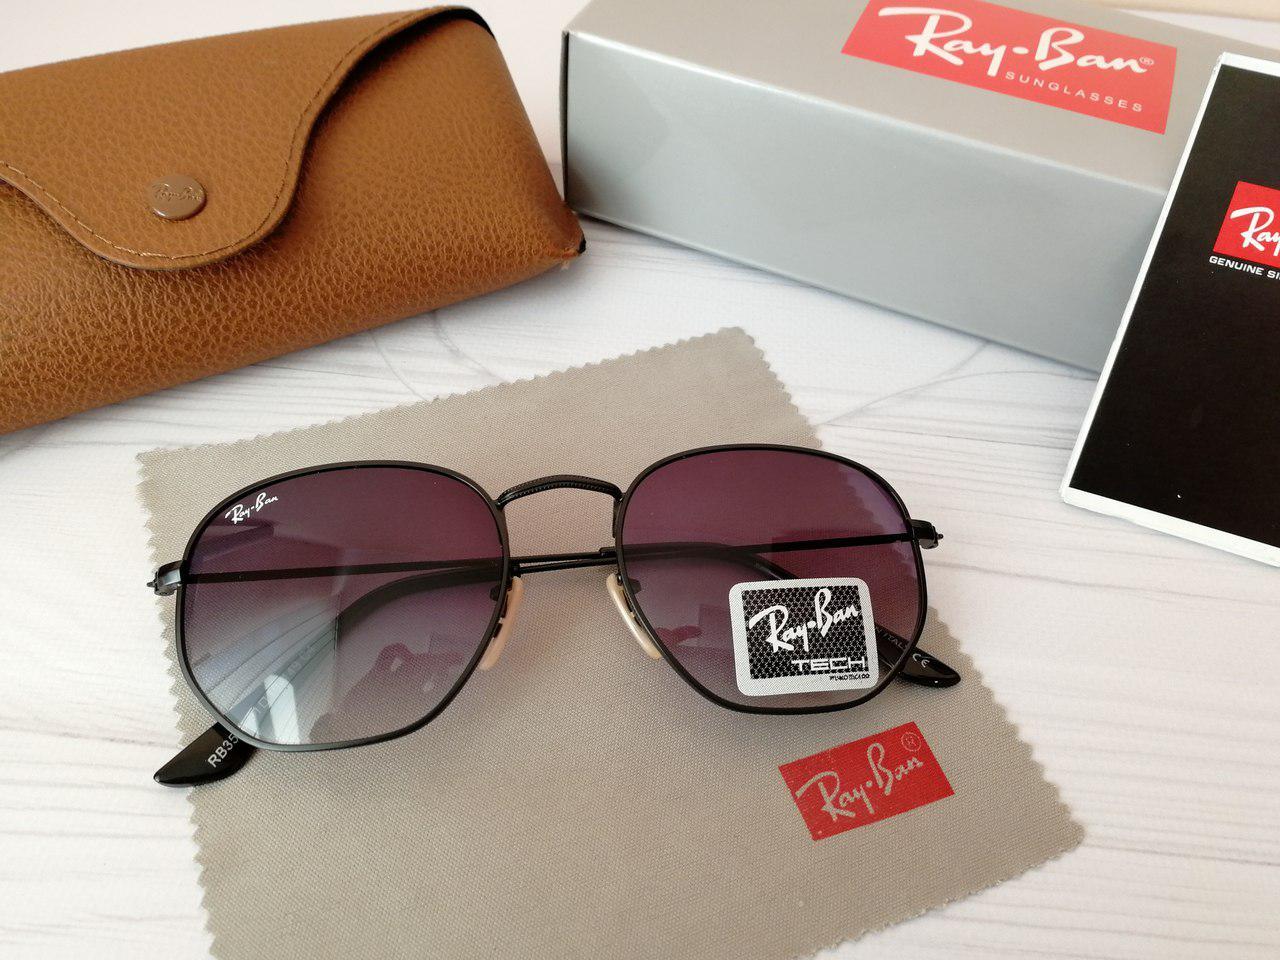 Солнцезащитные очки Ray Ban Рэй Бэн гексагональные (реплика)